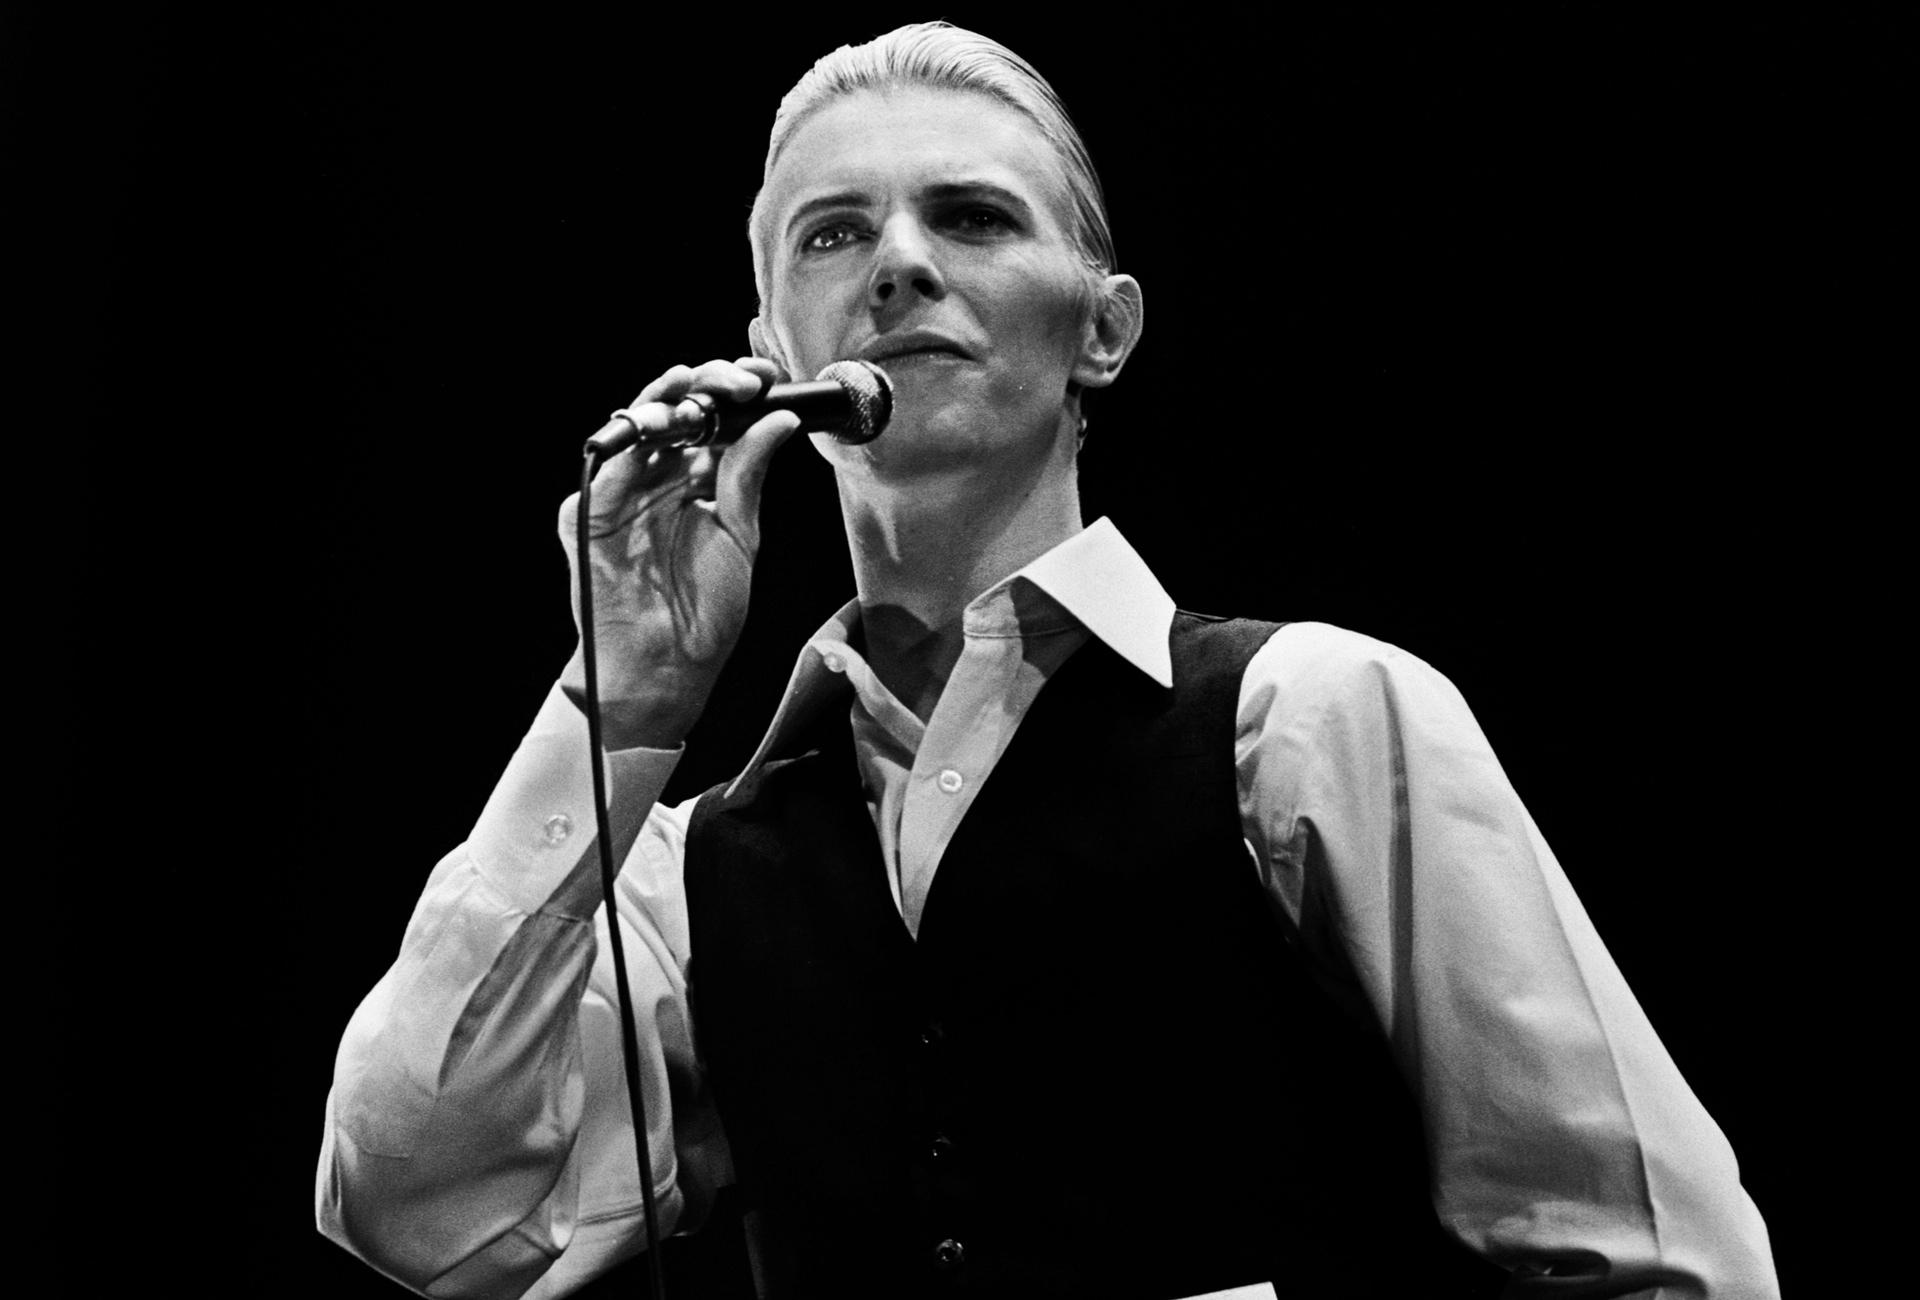 Дейвид Бауи изпълнява на живо от Ахой, Ротердам в края на неговото турне 1976 Thin White Duke World Tour Снимка: Gijsbert Hanekroot / Redferns